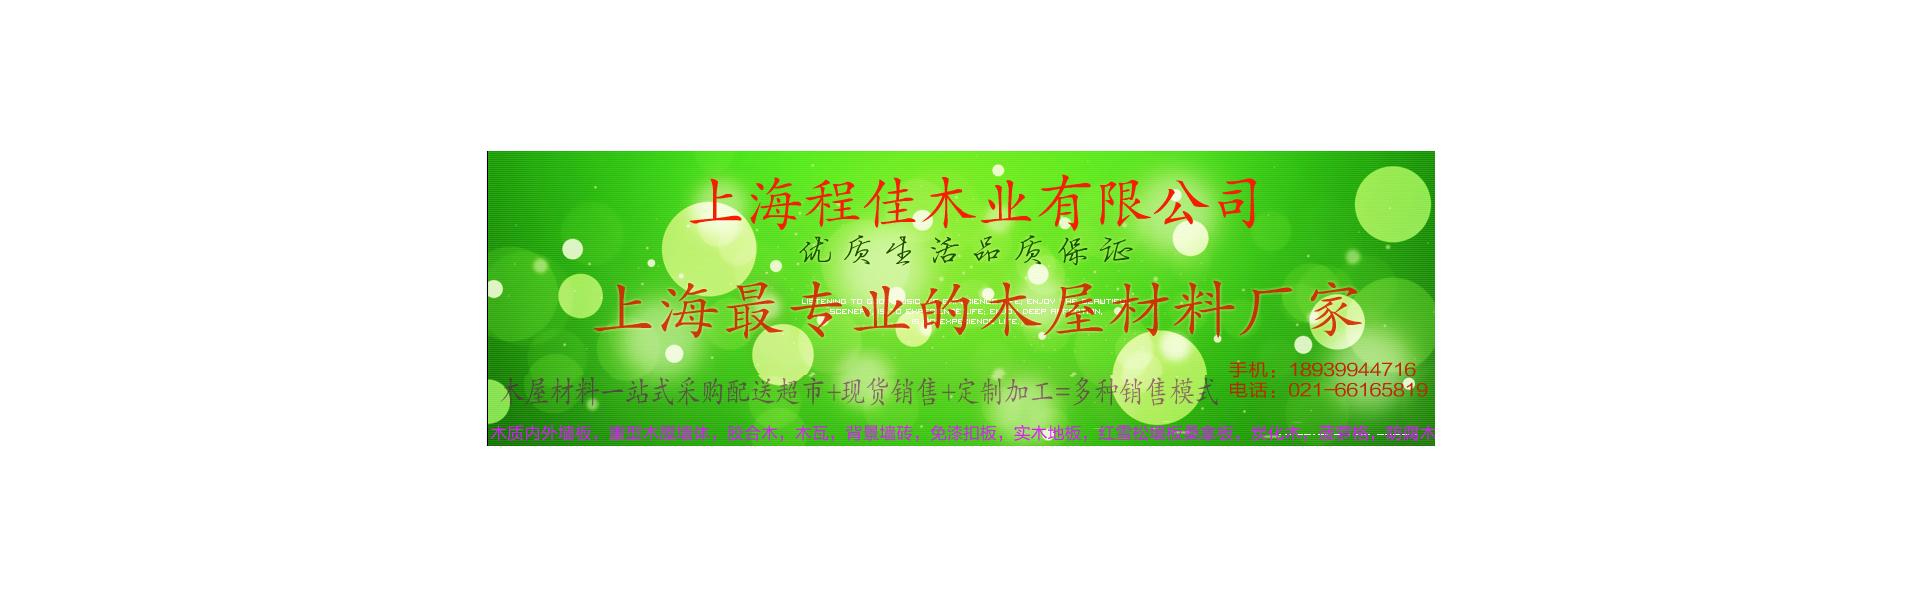 上海程佳木业有限公司